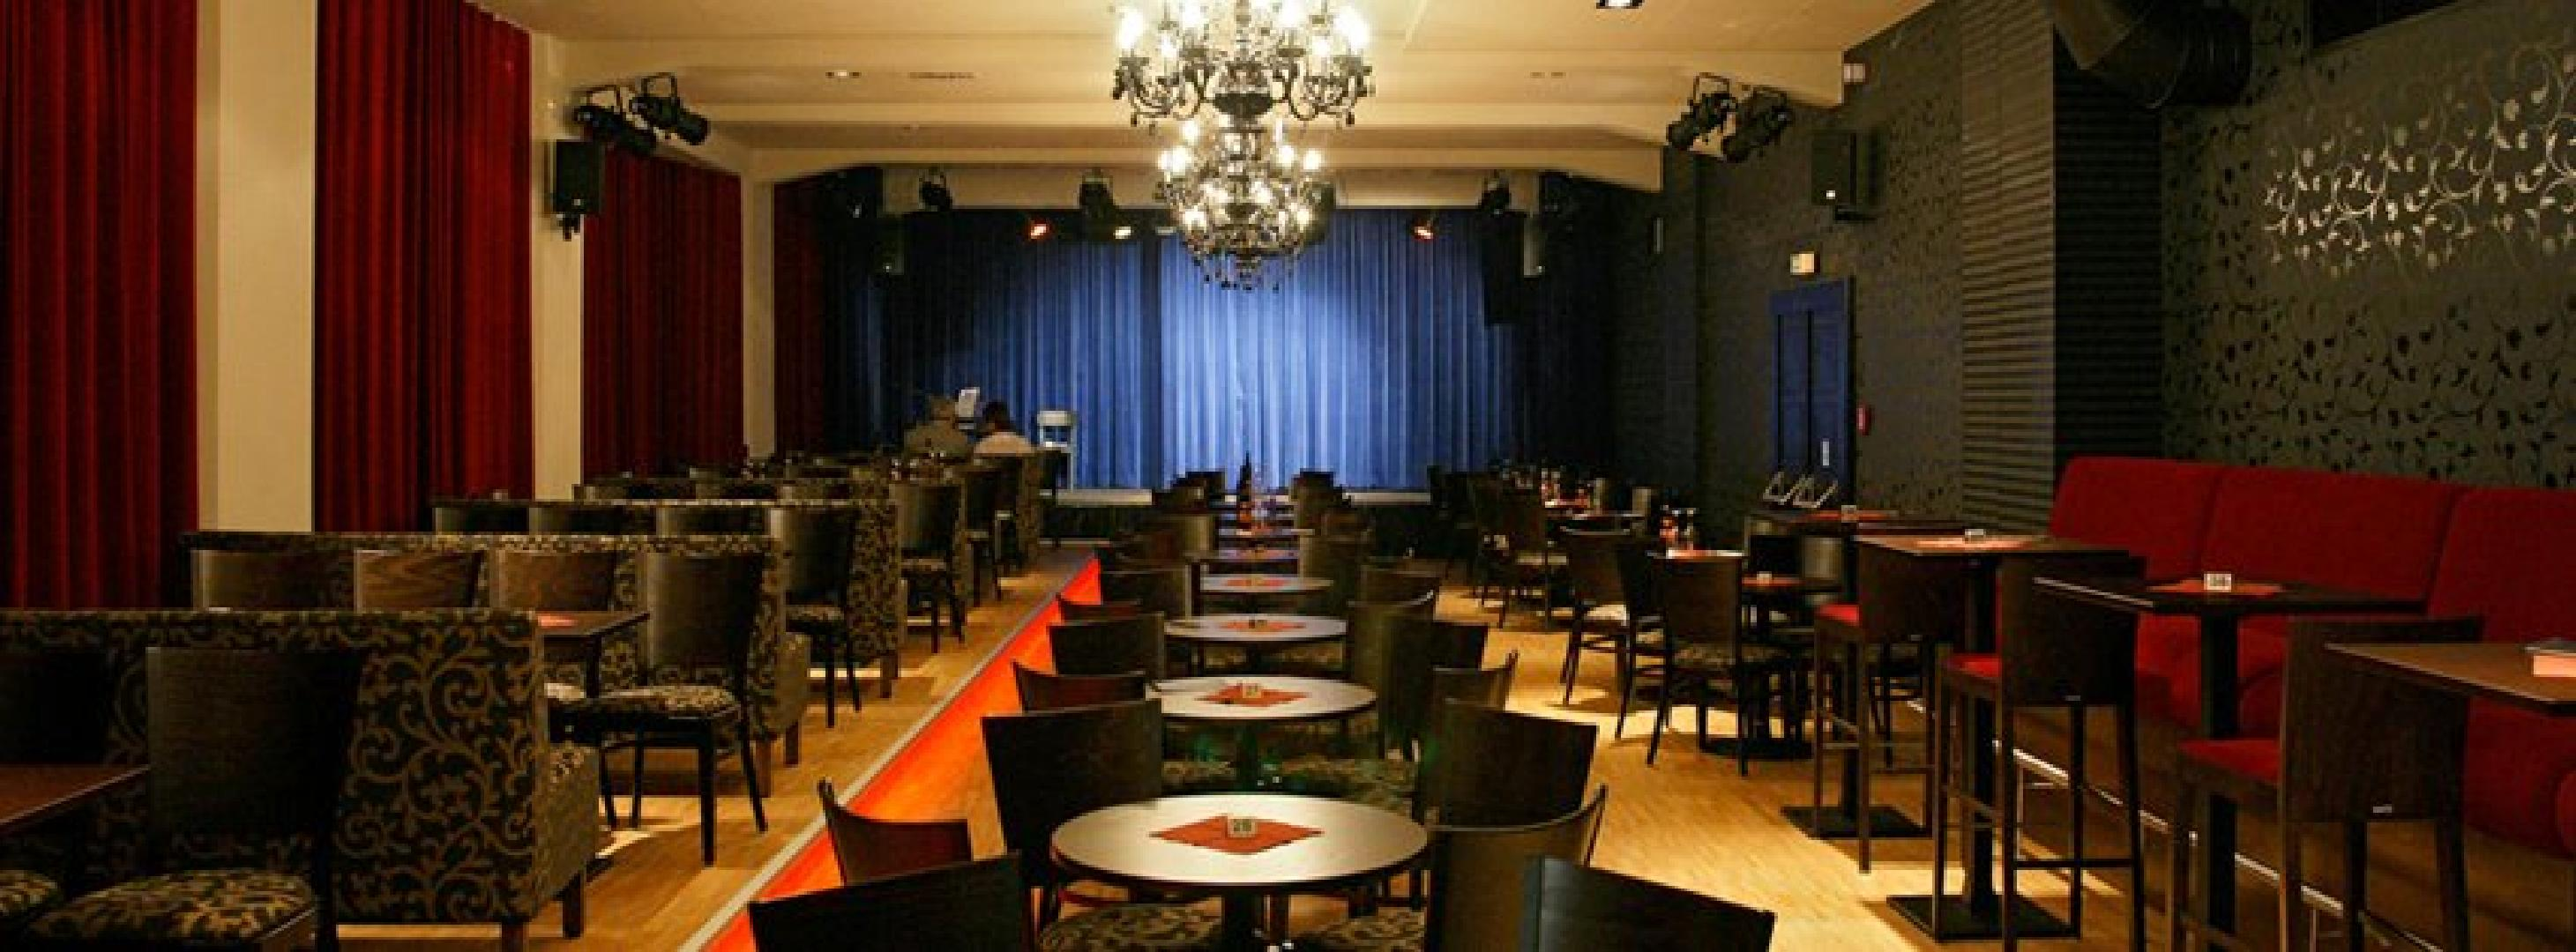 Picture 1 of Blauer Salon im Leipziger Central Kabarett